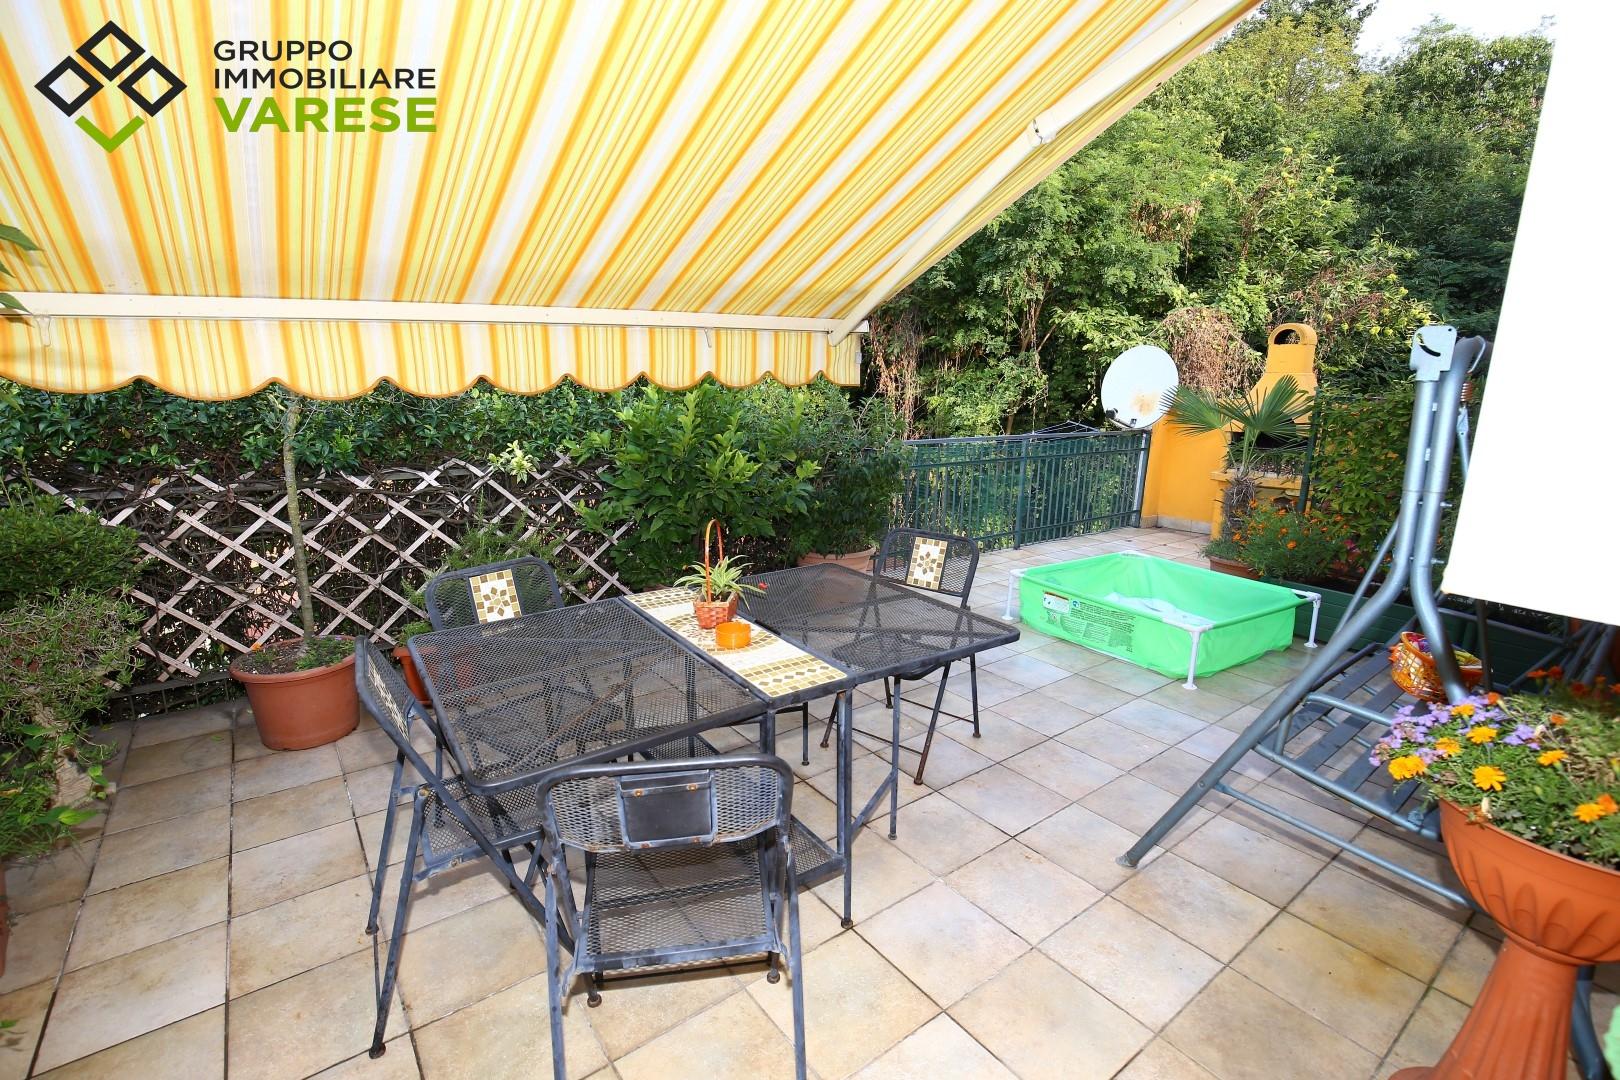 Appartamento in vendita a Brebbia, 3 locali, prezzo € 140.000 | CambioCasa.it